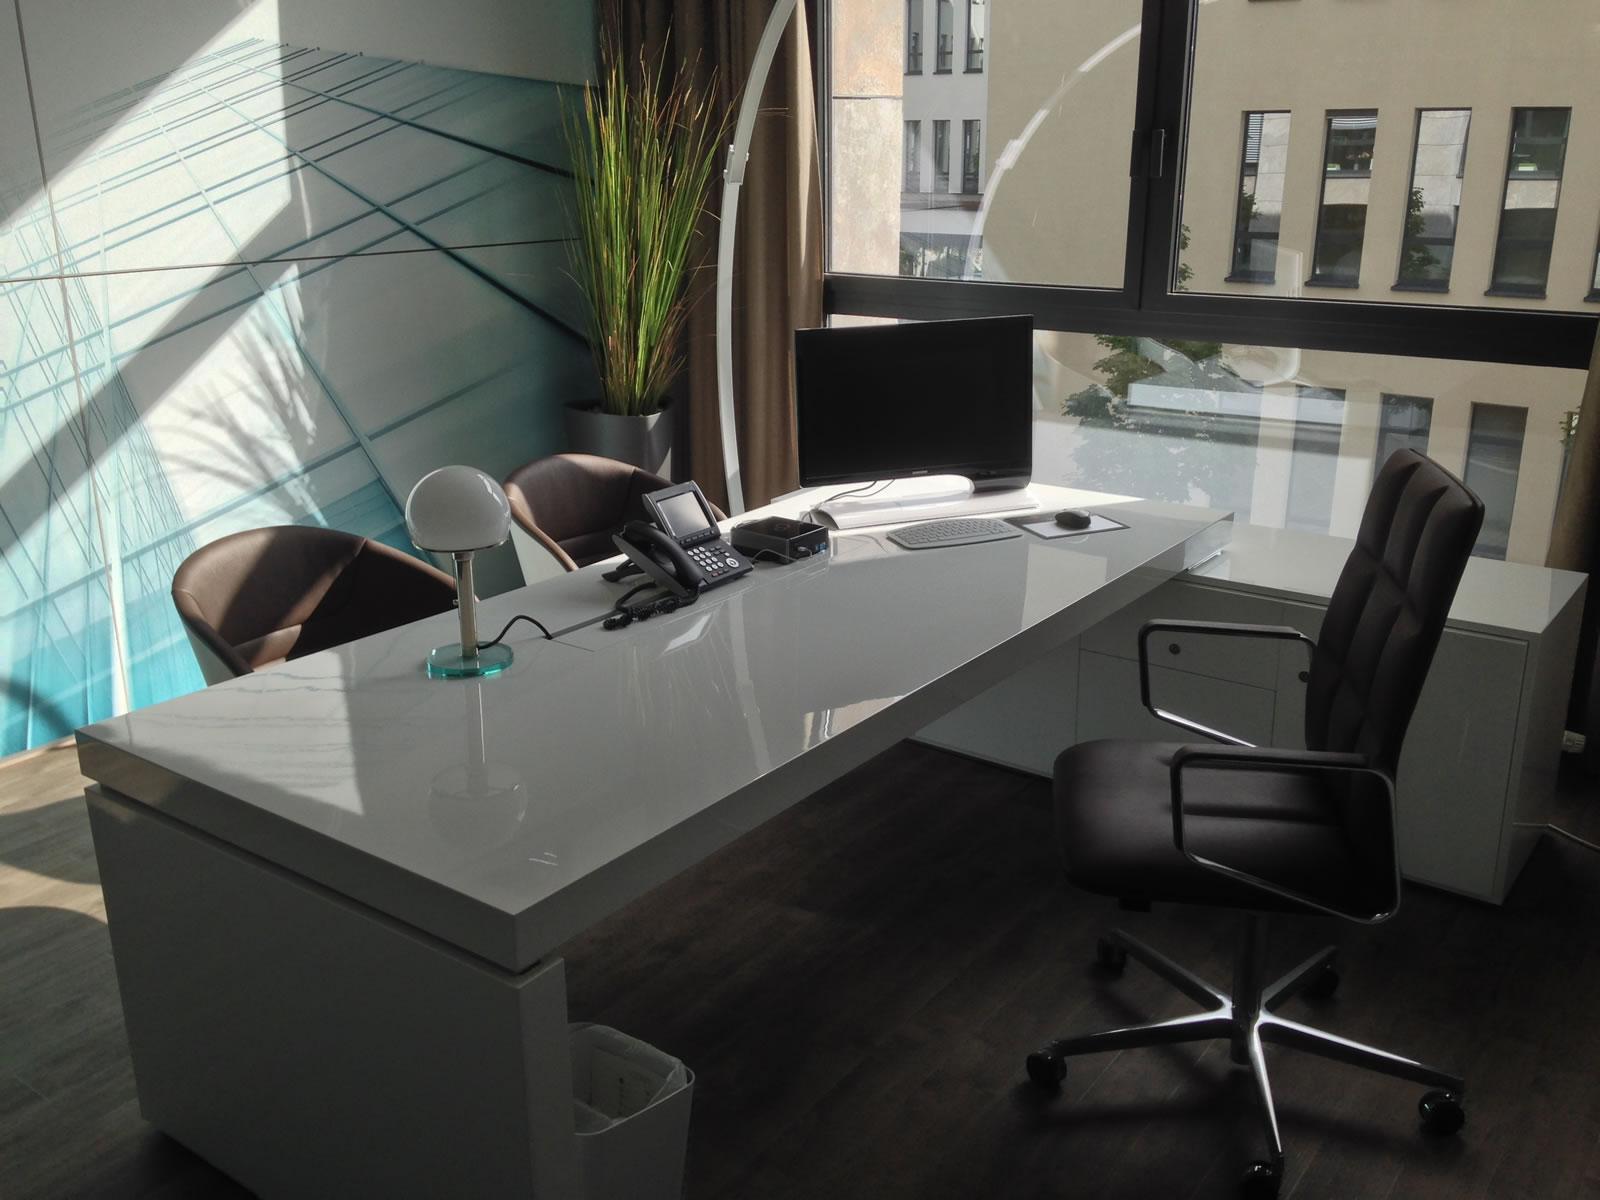 Bsk Nürnberg chefzimmer schreibtisch praefectus minimalistischer